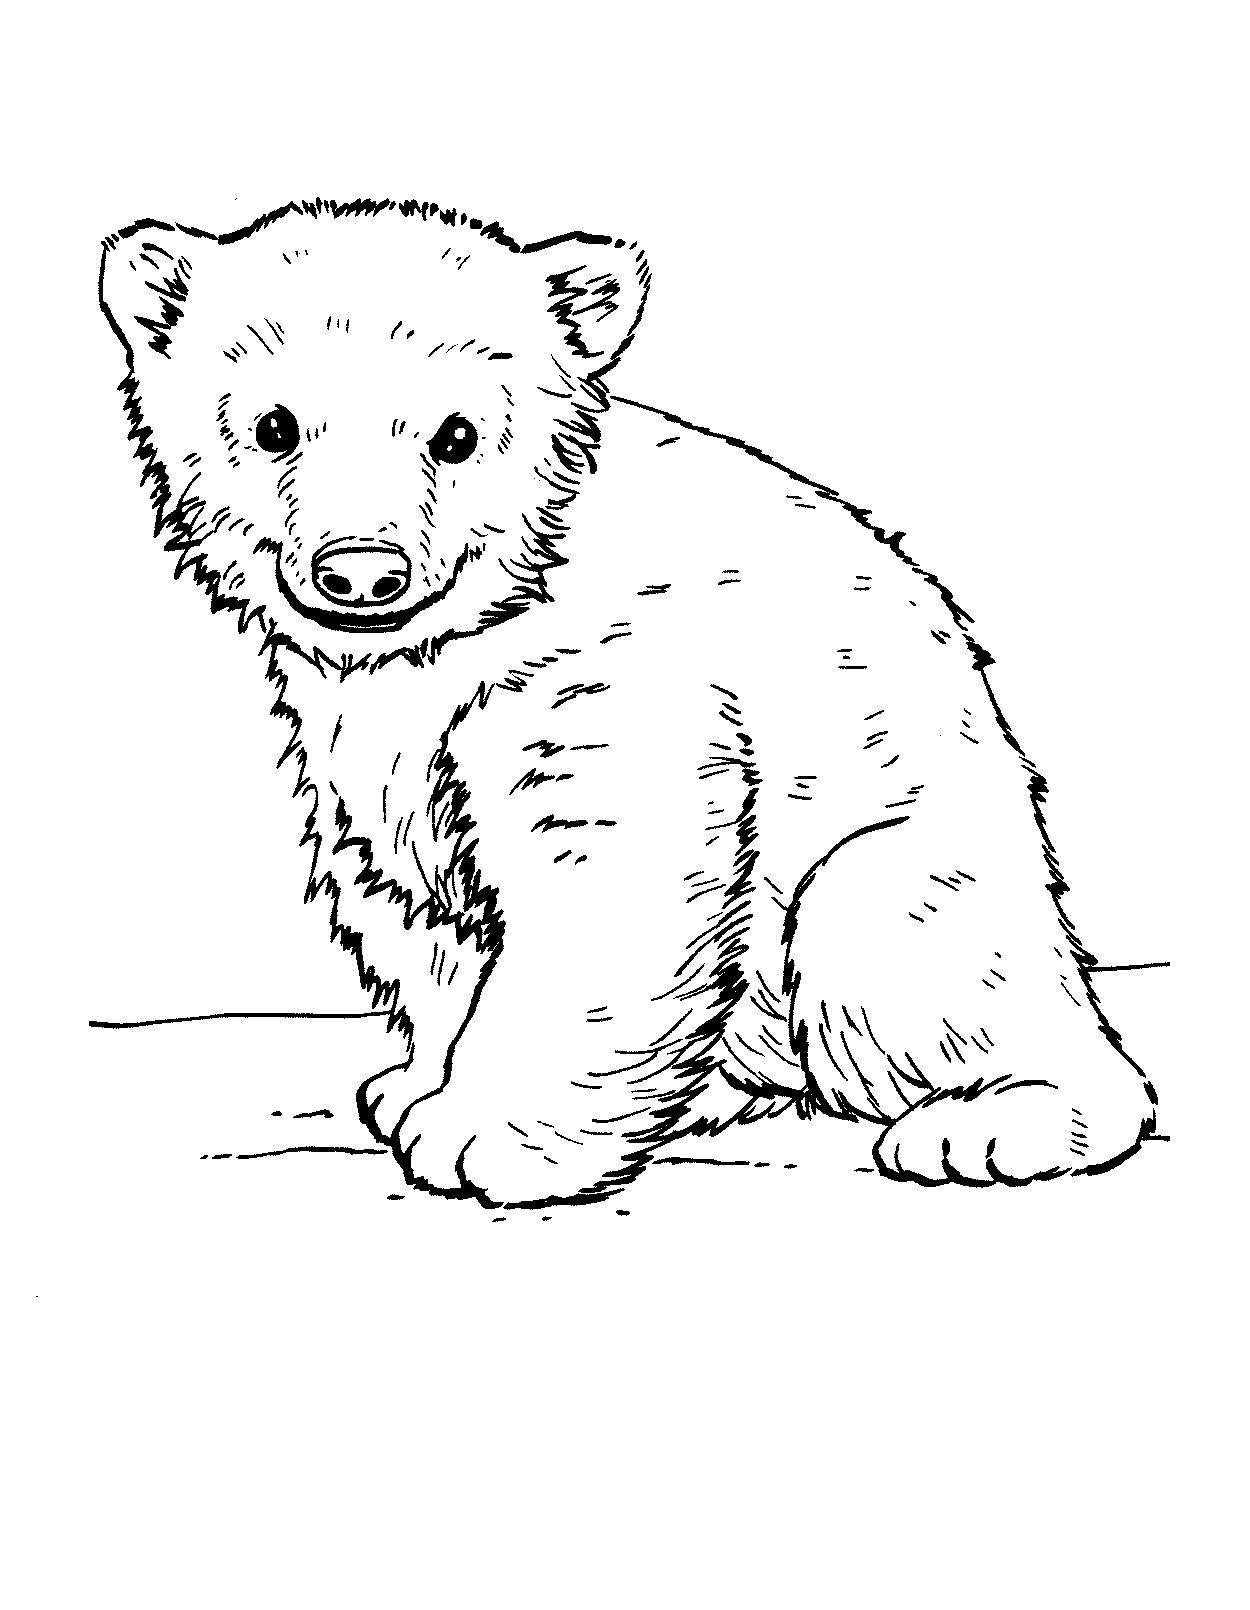 Ausmalbilder Eisbär  24 Malvorlagen zum kostenlosen Drucken